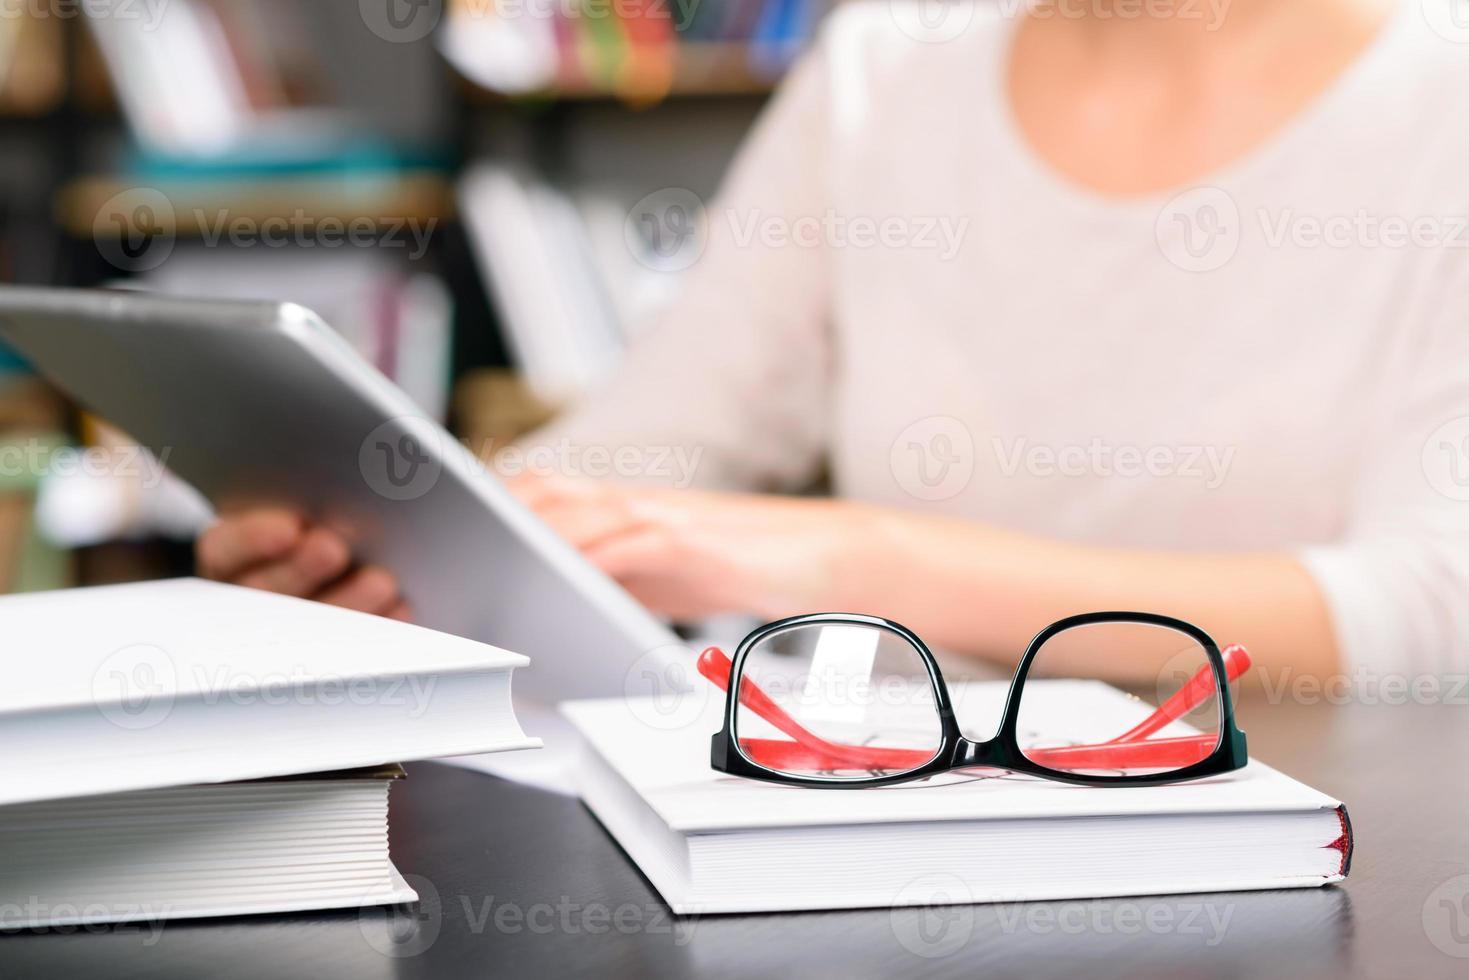 studiemateriaal liggend op het bureau foto